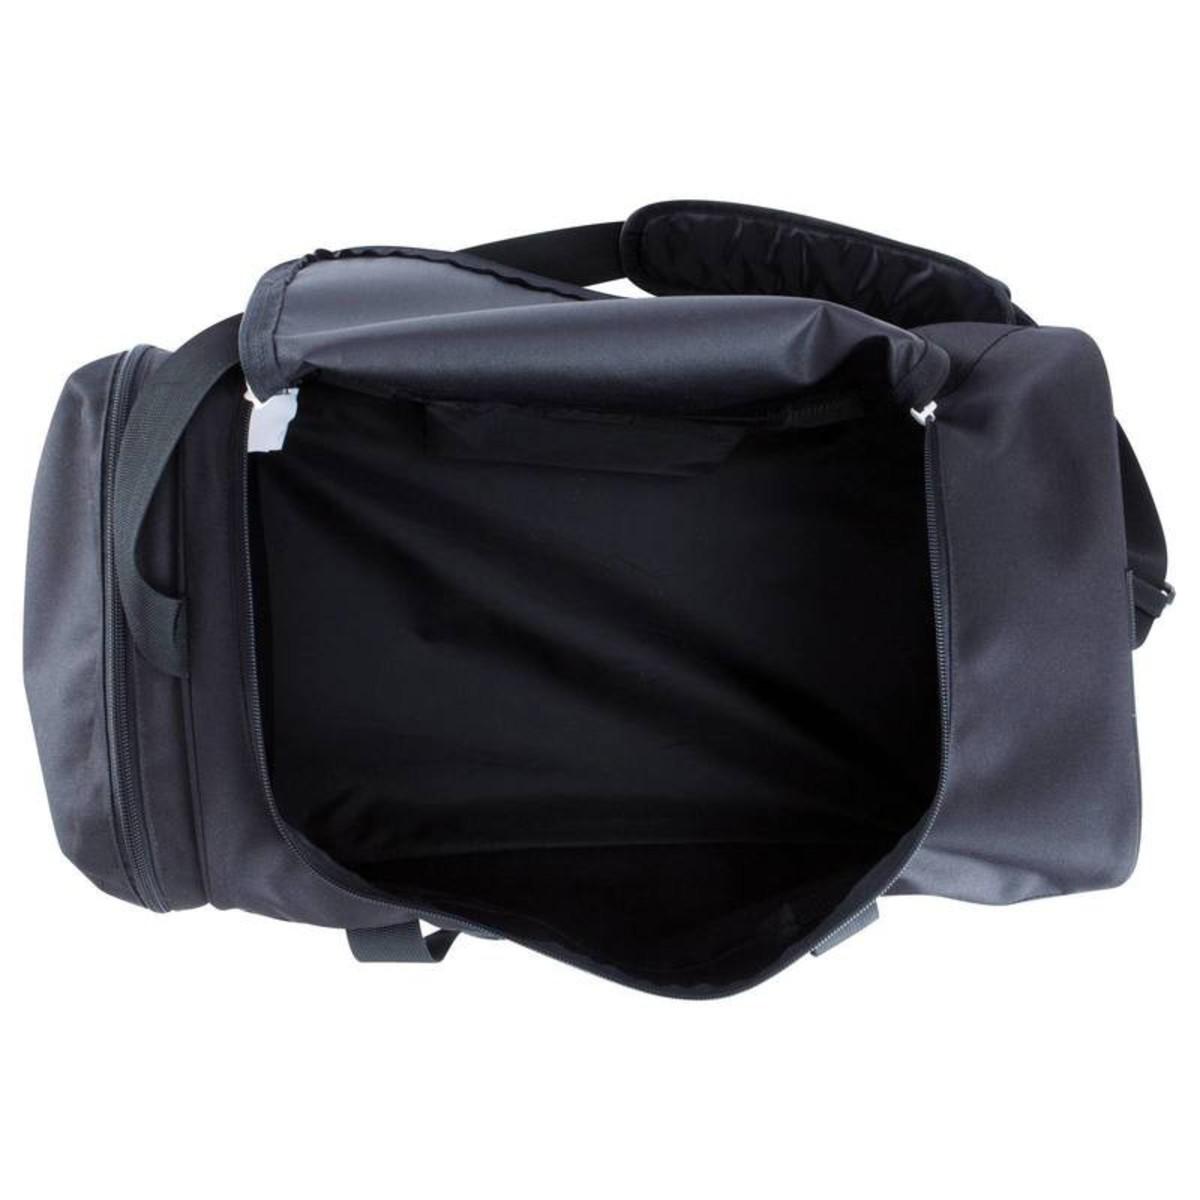 Bild 4 von KIPSTA Sporttasche Hardcase 60 Liter schwarz, Größe: Einheitsgröße